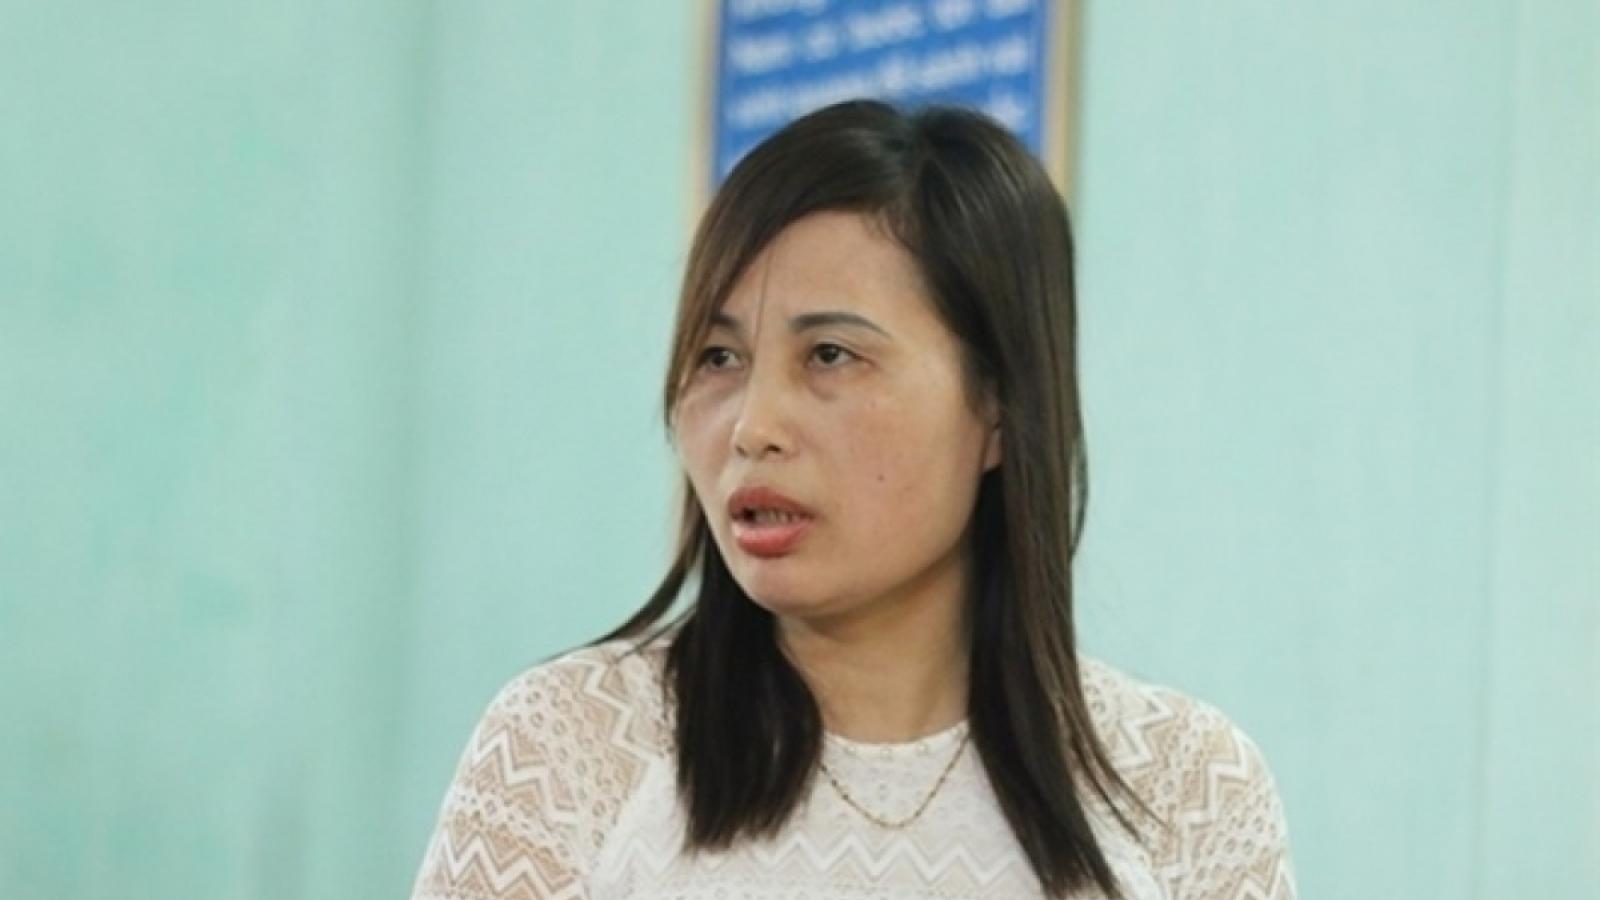 Kết luận thanh tra vụ cô giáo Nguyễn Thị Tuất: Yêu cầu xử lý kỷ luật Hiệu trưởng